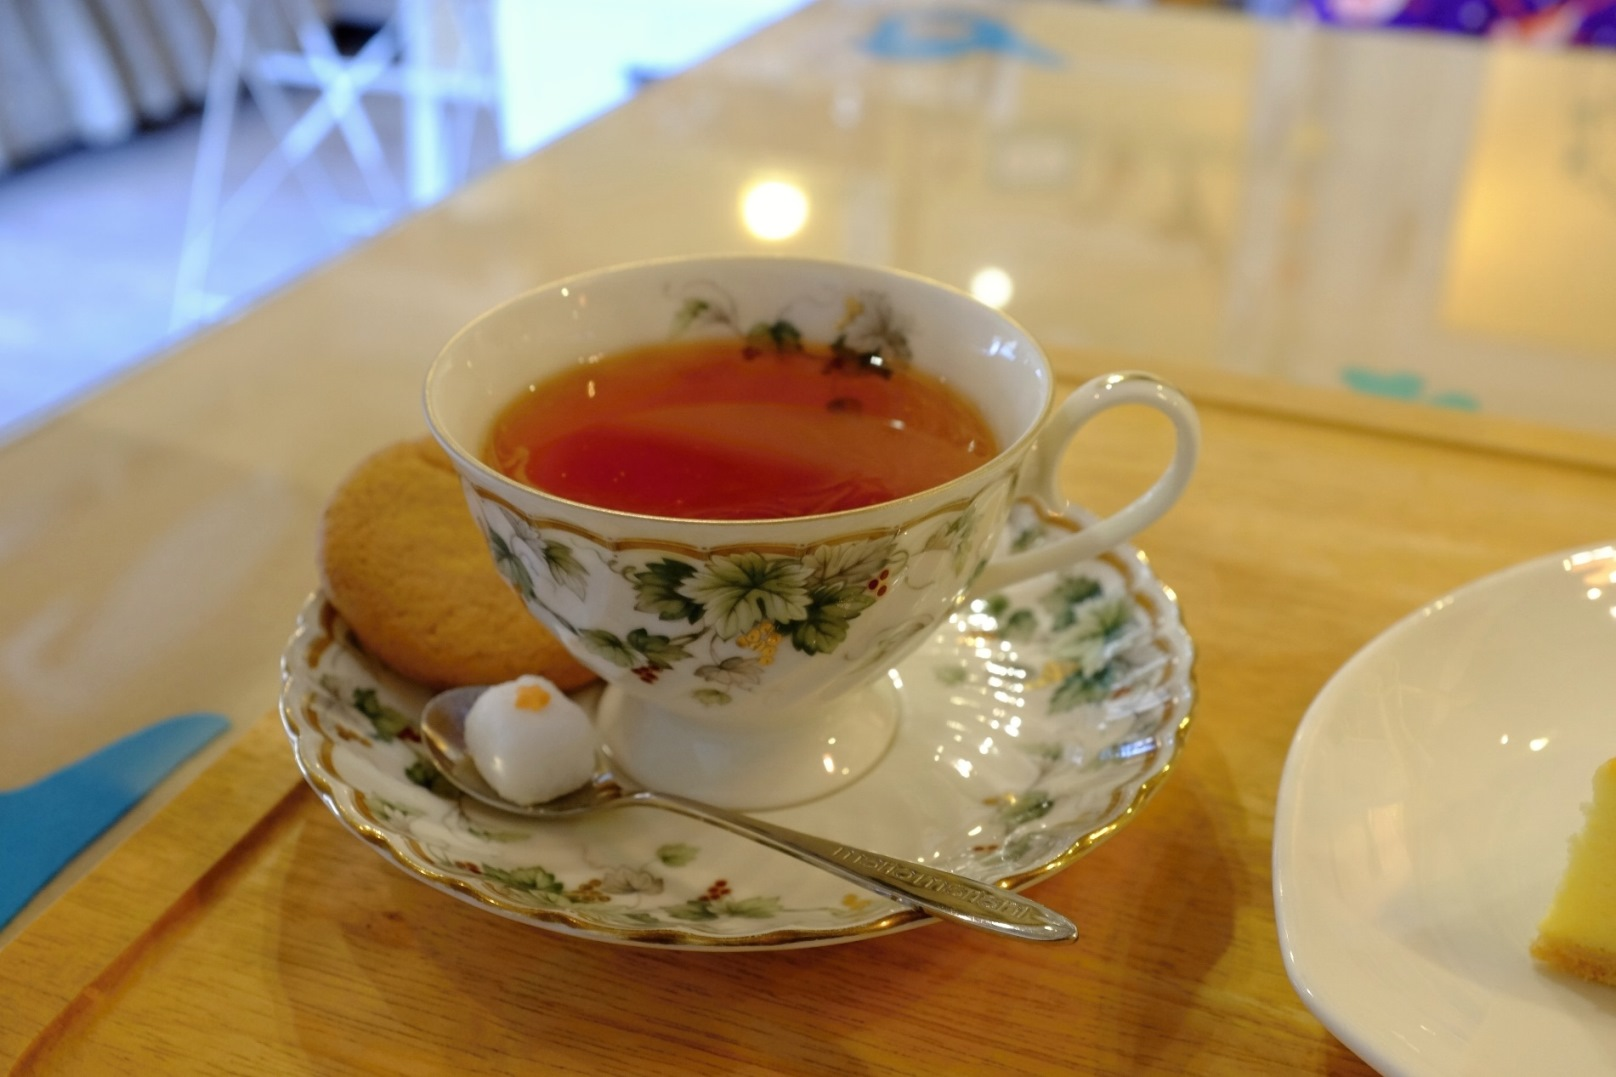 甘味遊行 パトリ cafe/market  / 奈良町_d0233770_2342559.jpg